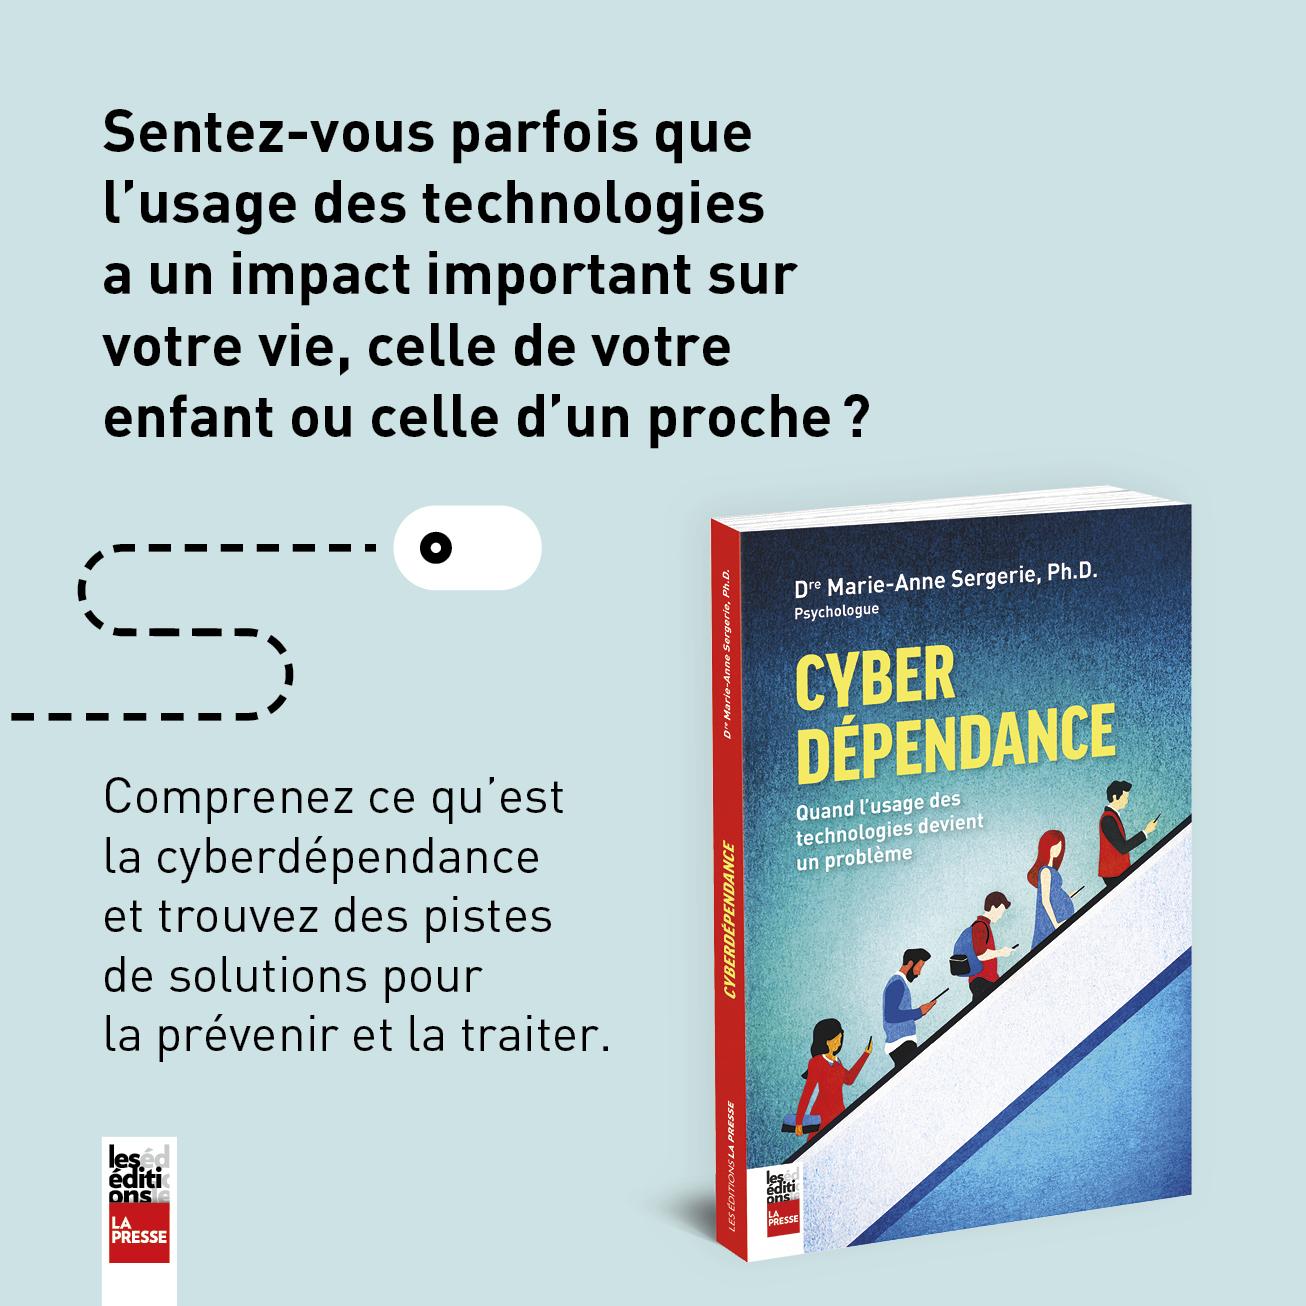 Comprenez ce qu'est la cyberdépendance et trouvez des pistes de solutions pour la prévenir et la traiter.